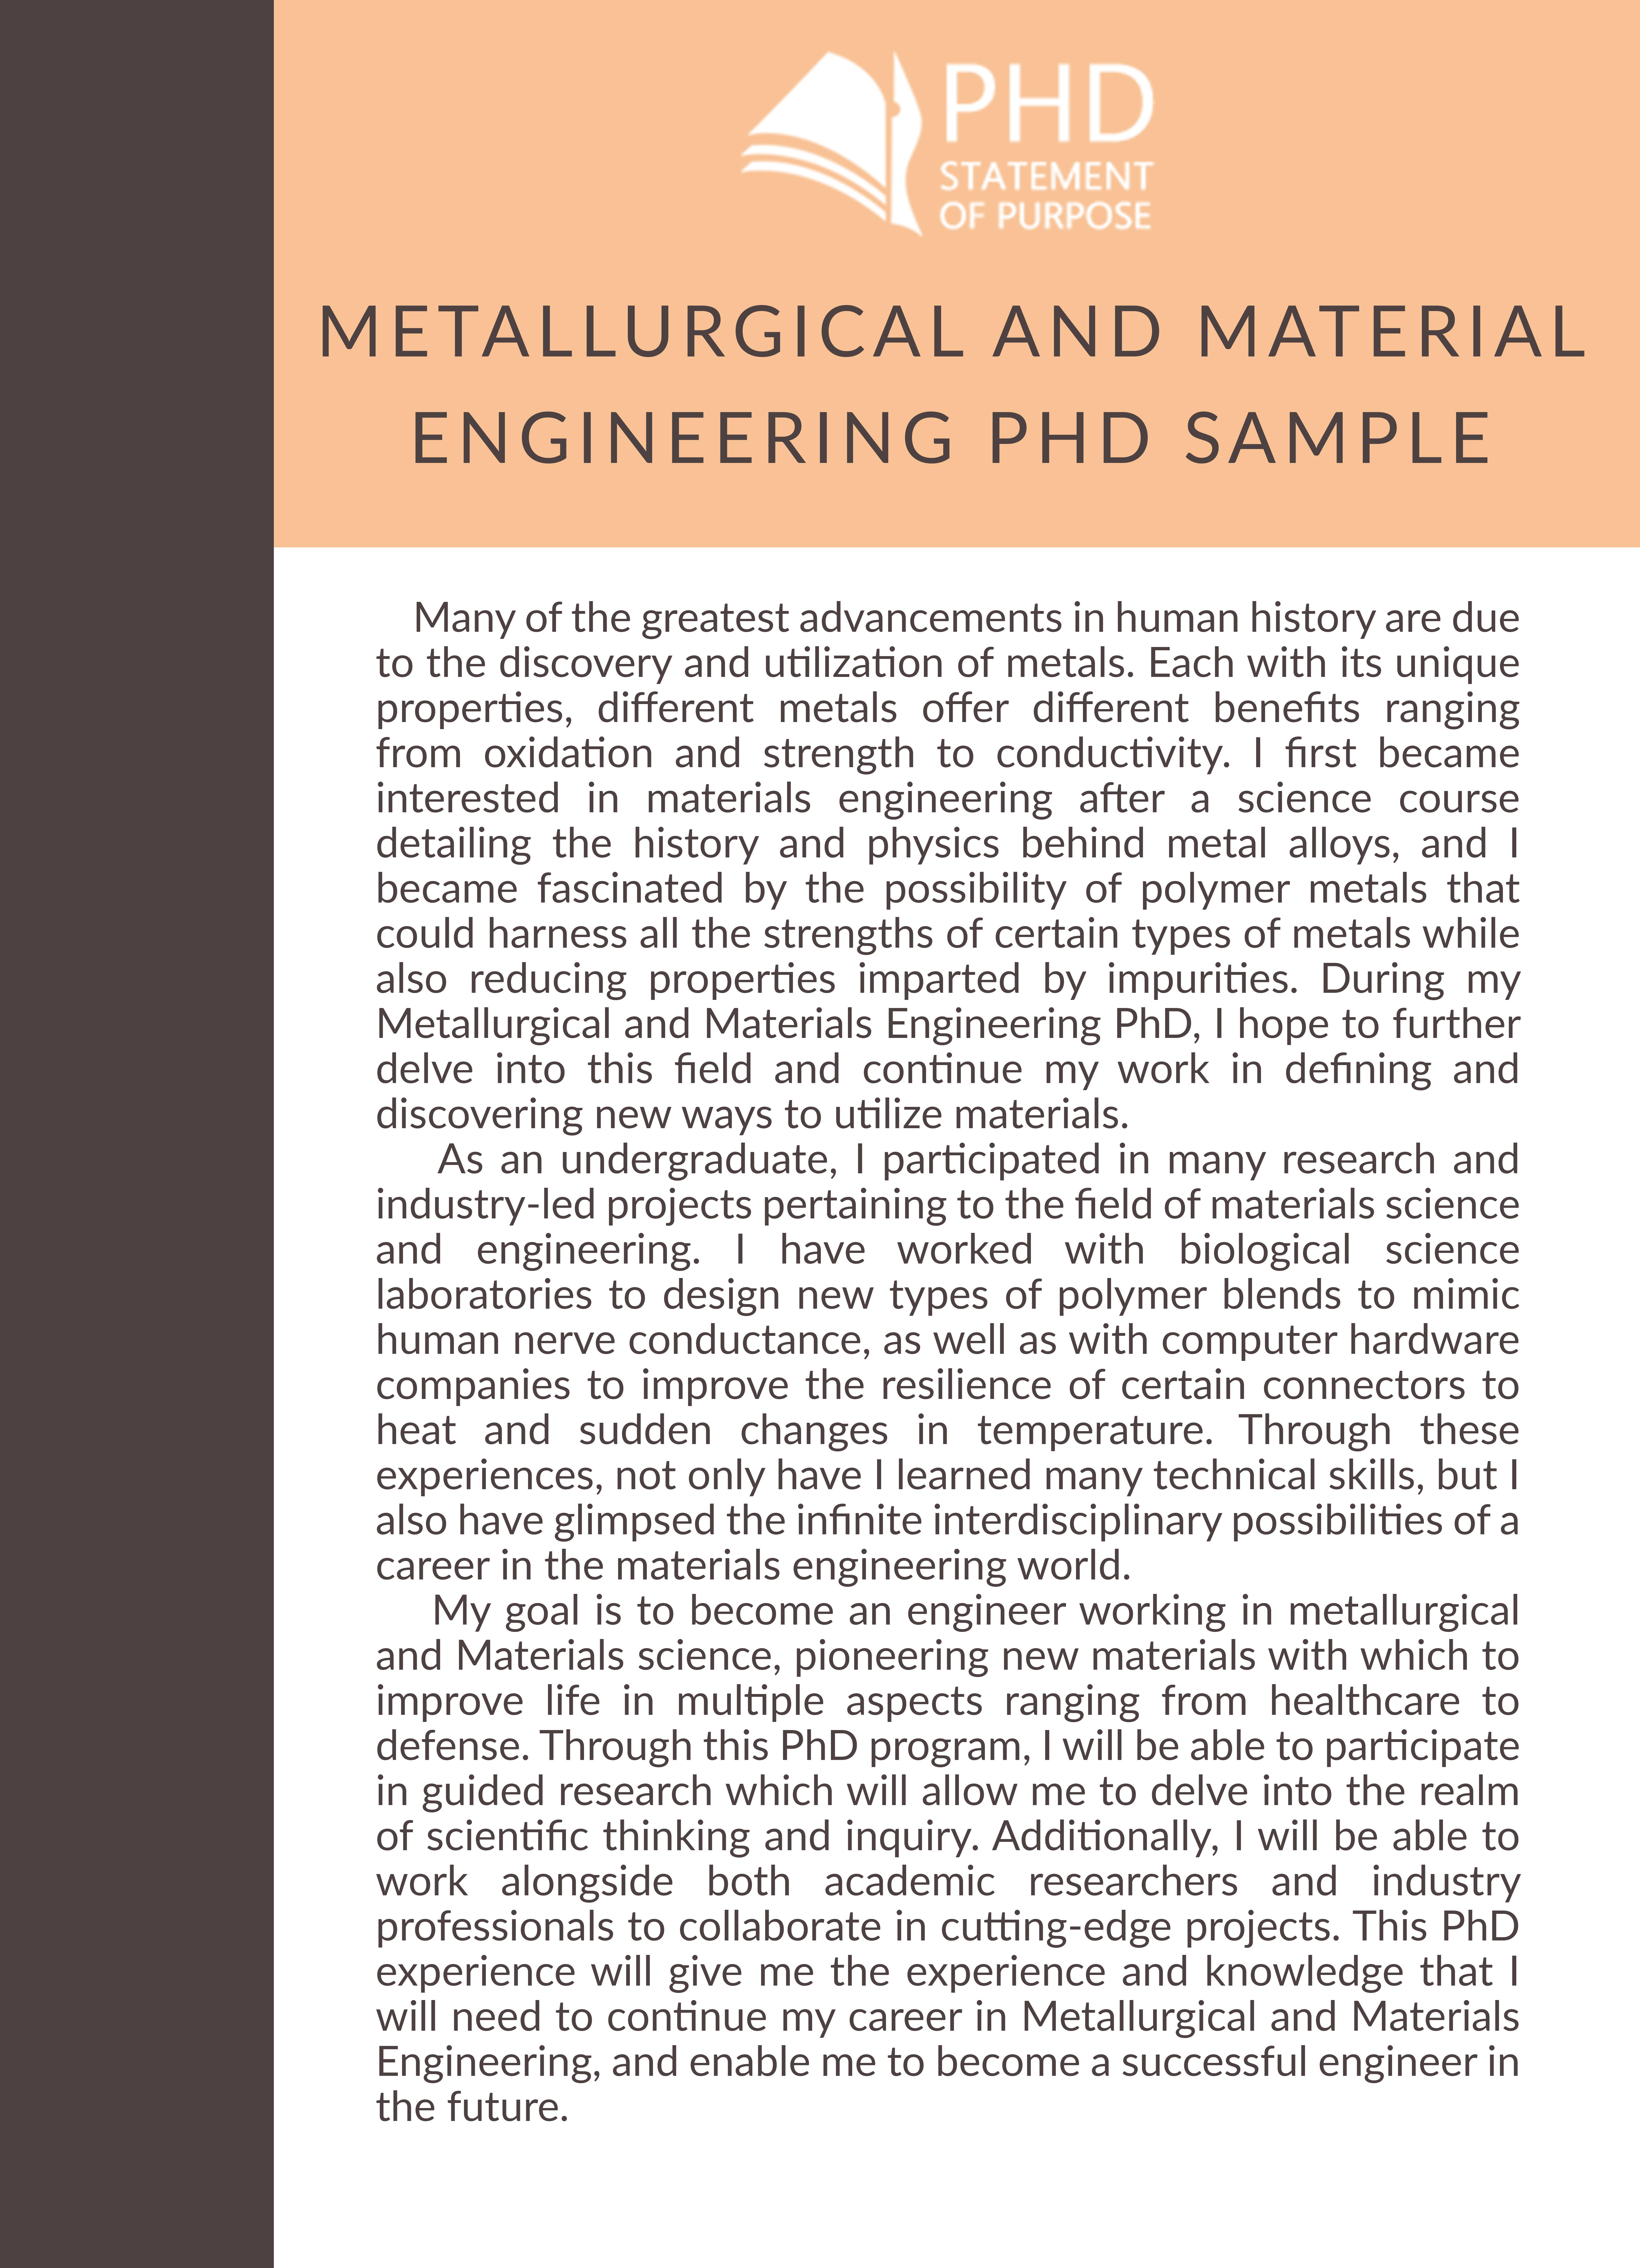 Statement of Purpose Engineering Graduate School & PhD Help